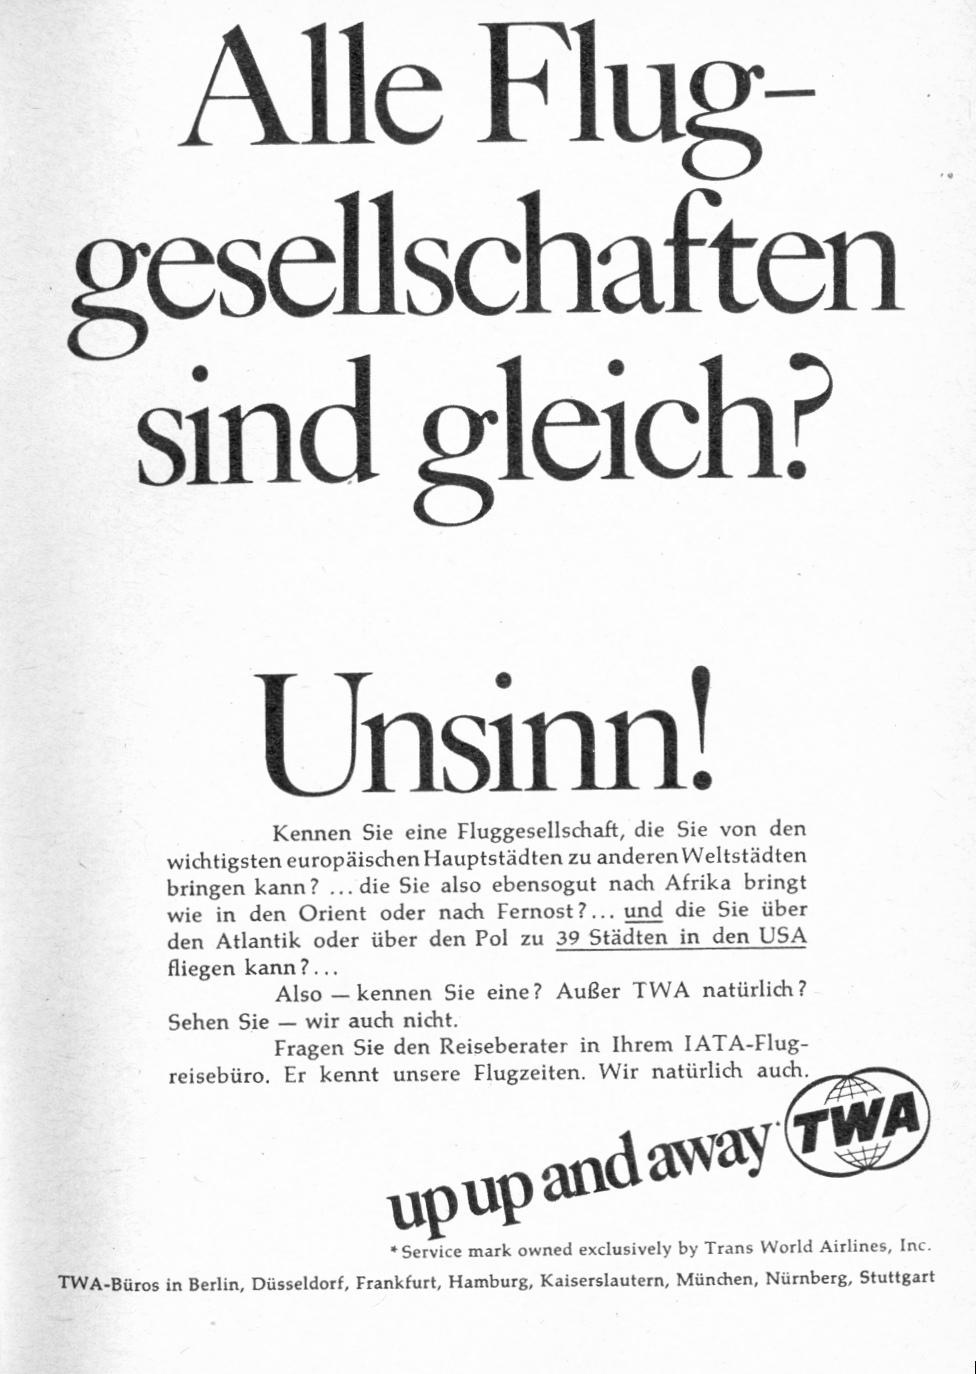 TWA ist nicht wie andere Airlines